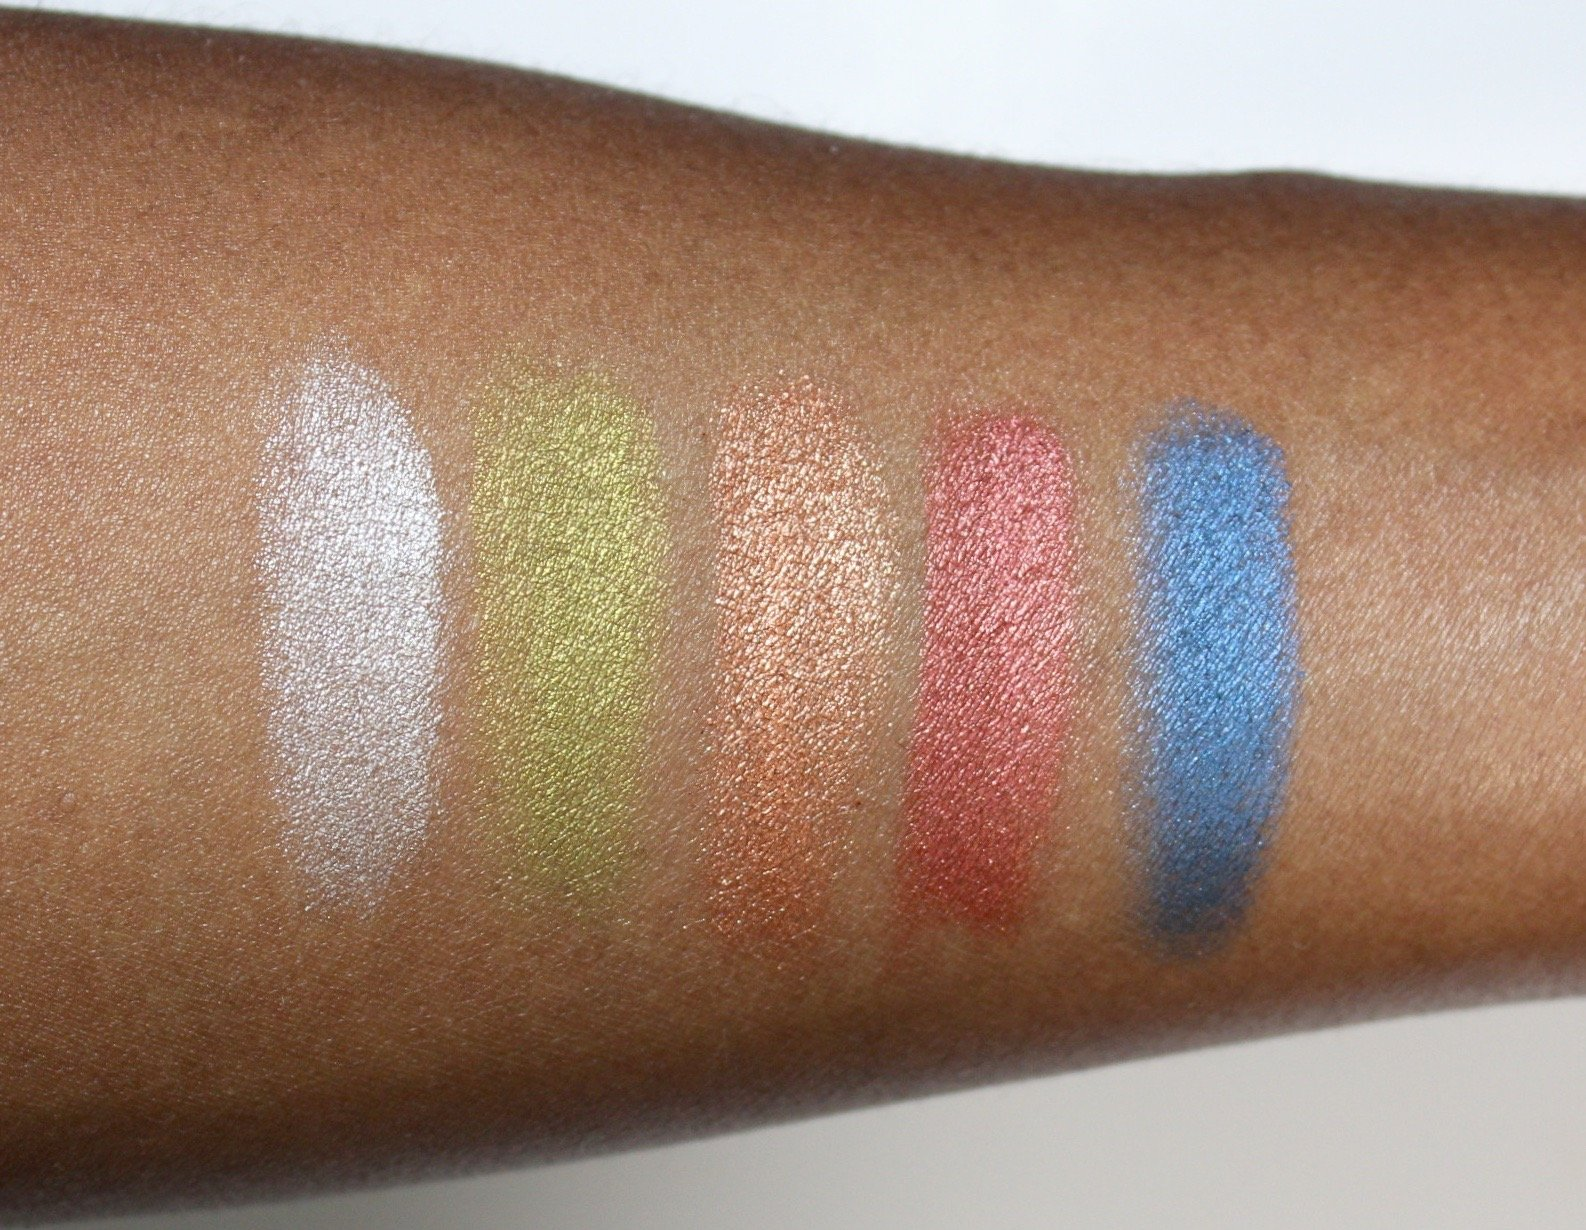 Aboslute New York True Eyeshadow Palette Element Swatches